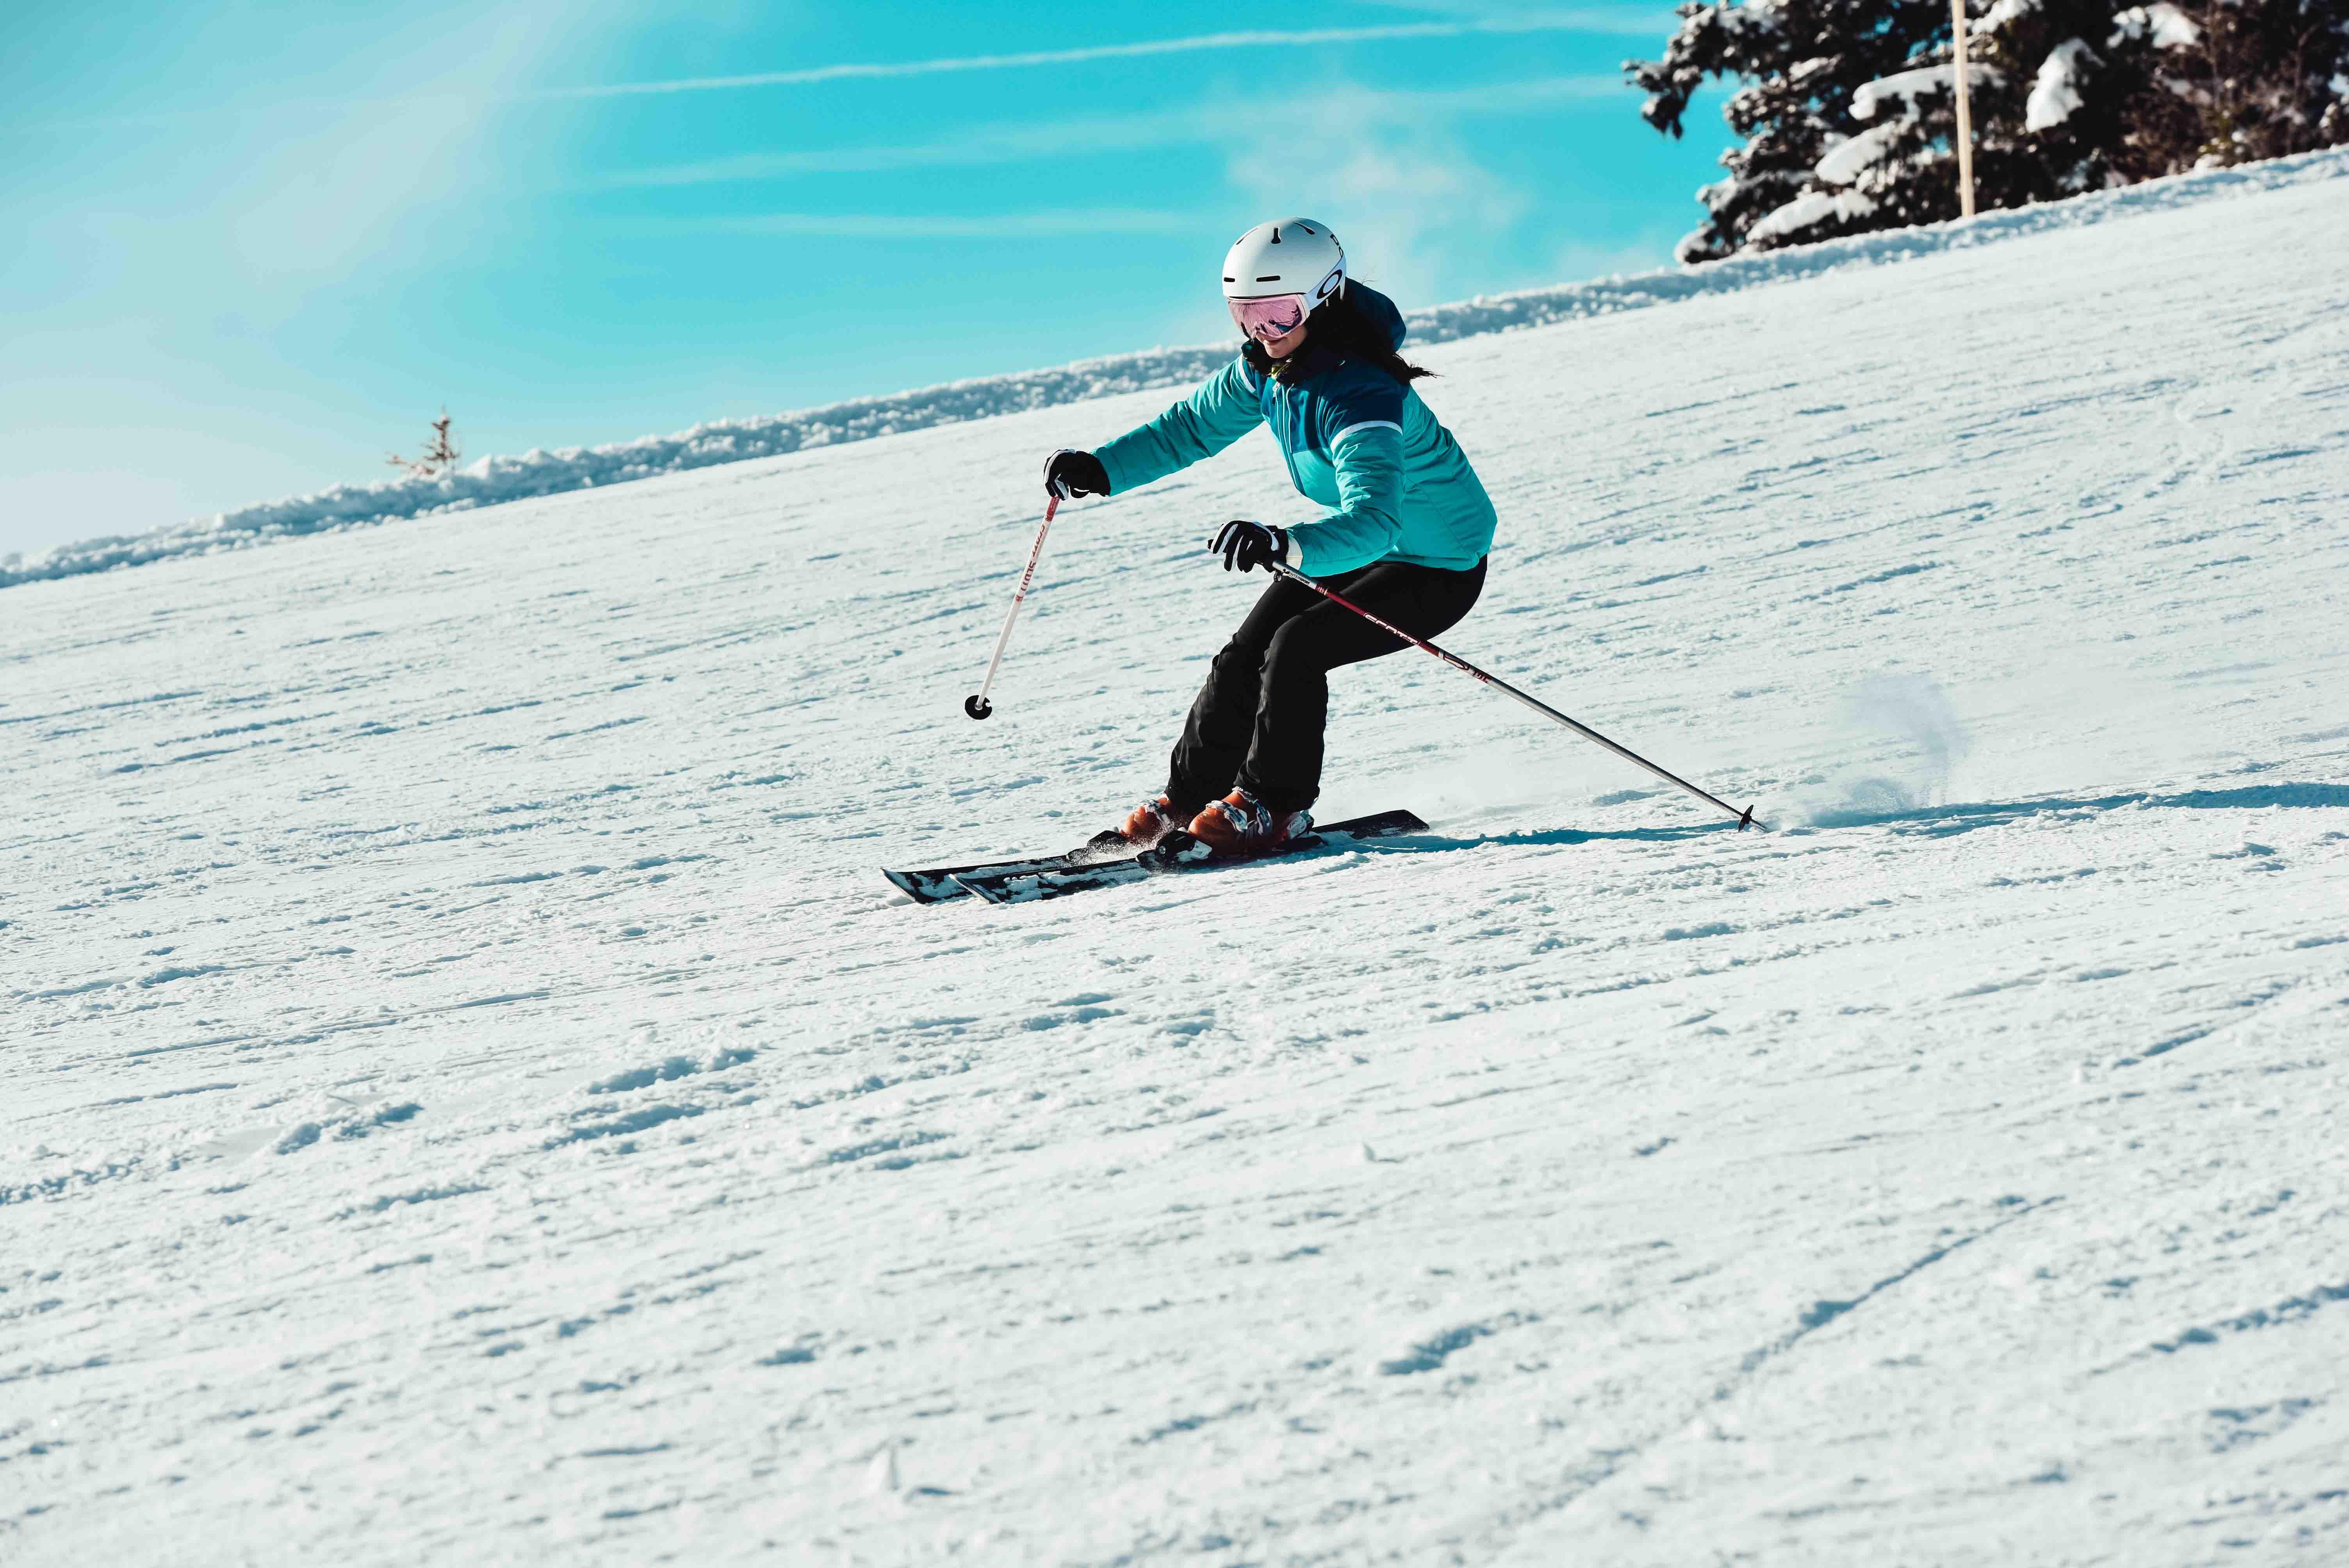 Ski tipps für anfänger und technik tipps carven klarafuchs